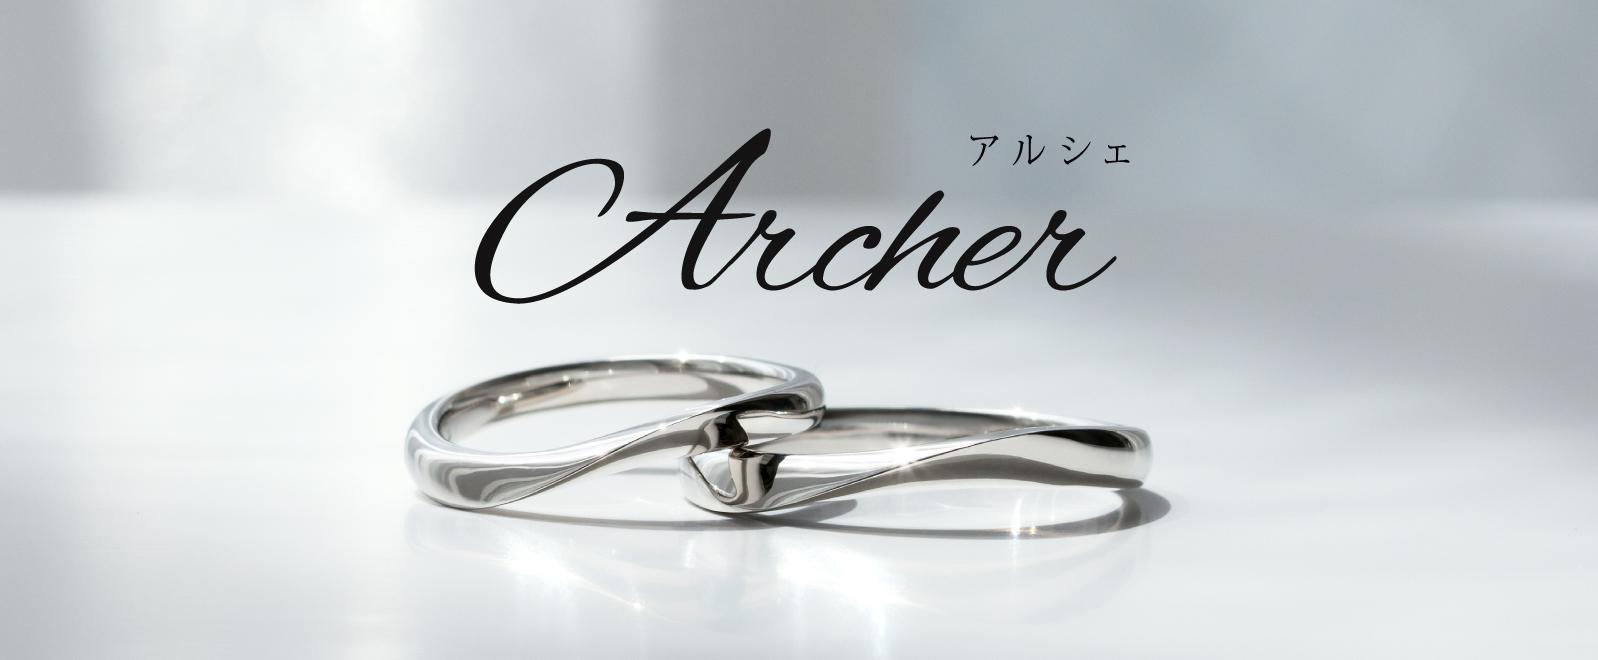 コリドール 結婚指輪 バナー